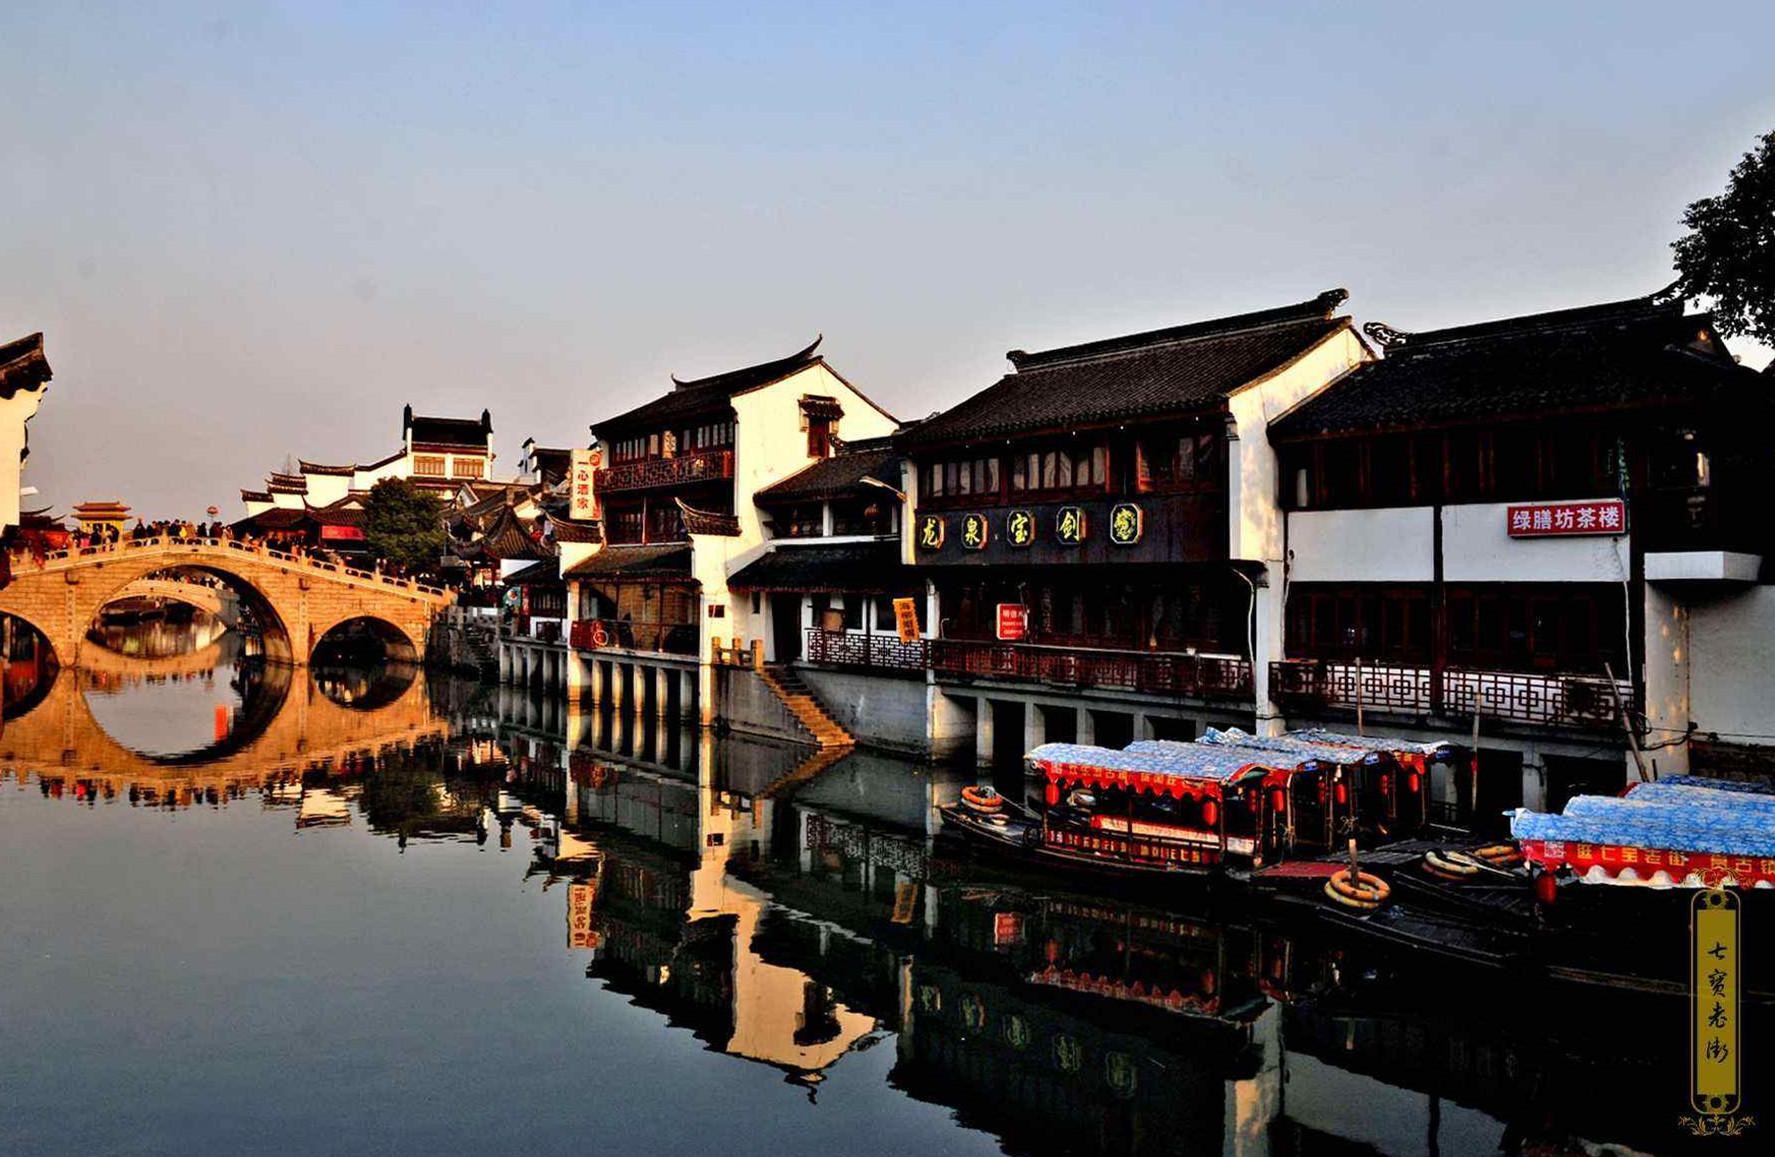 隐藏在大上海的千年古镇,传说镇上有七件宝物,宋朝皇帝赐额